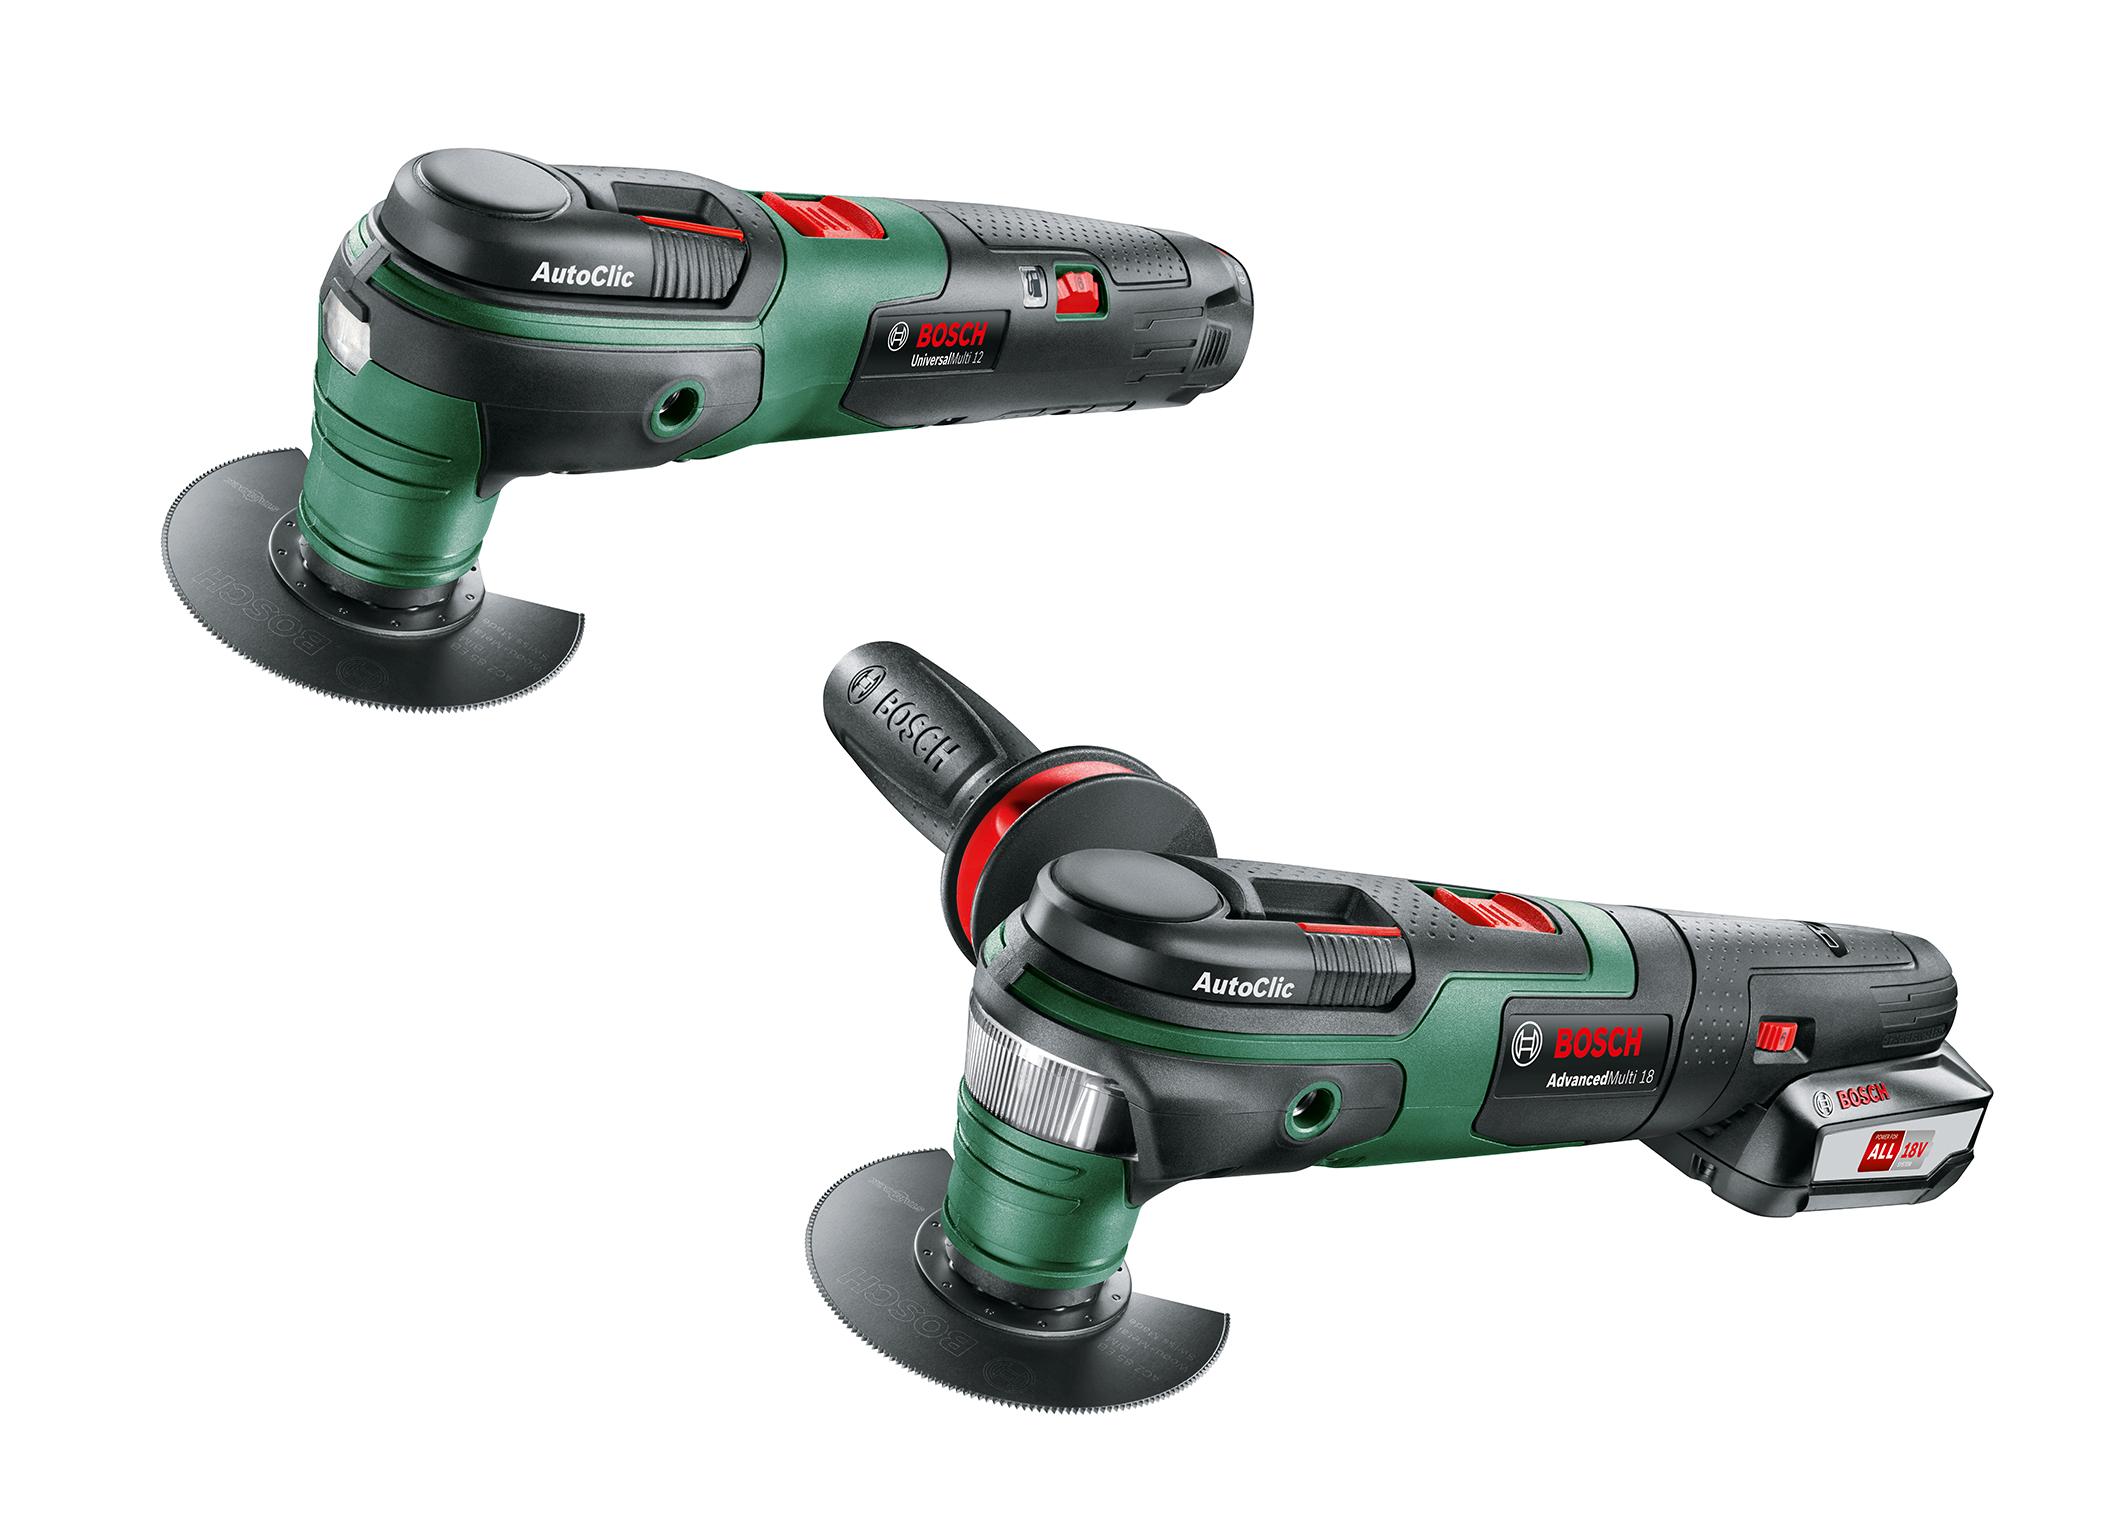 Utensili versatili e flessibili da 18 e 12 volt: utensili multifunzione Bosch a batteria per il fai-da-te